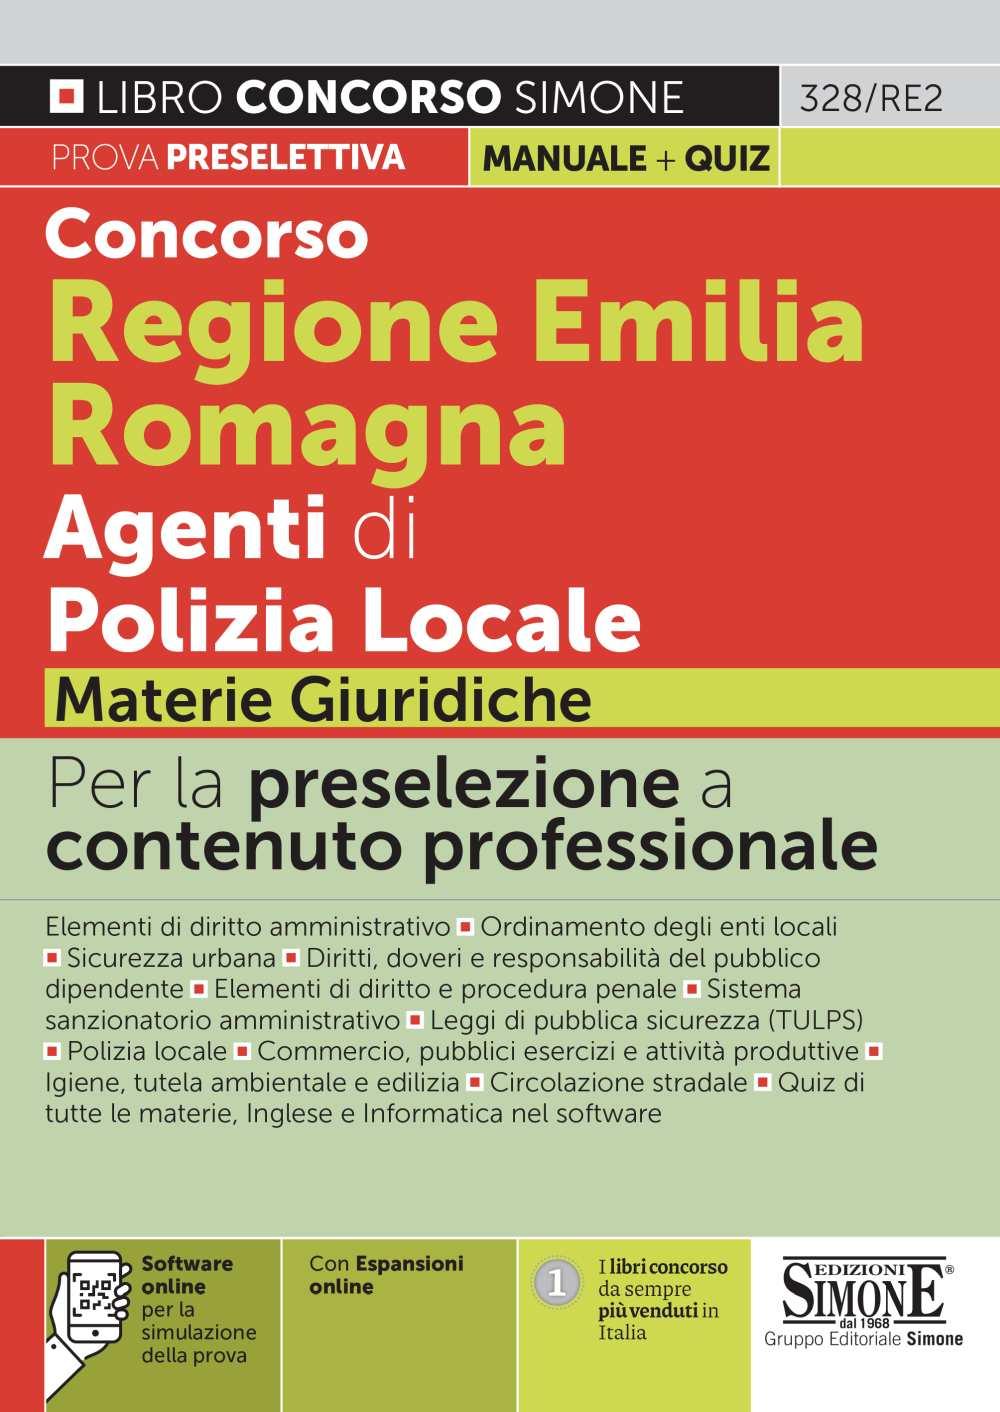 Concorso Regione Emilia Romagna Agenti di Polizia Locale